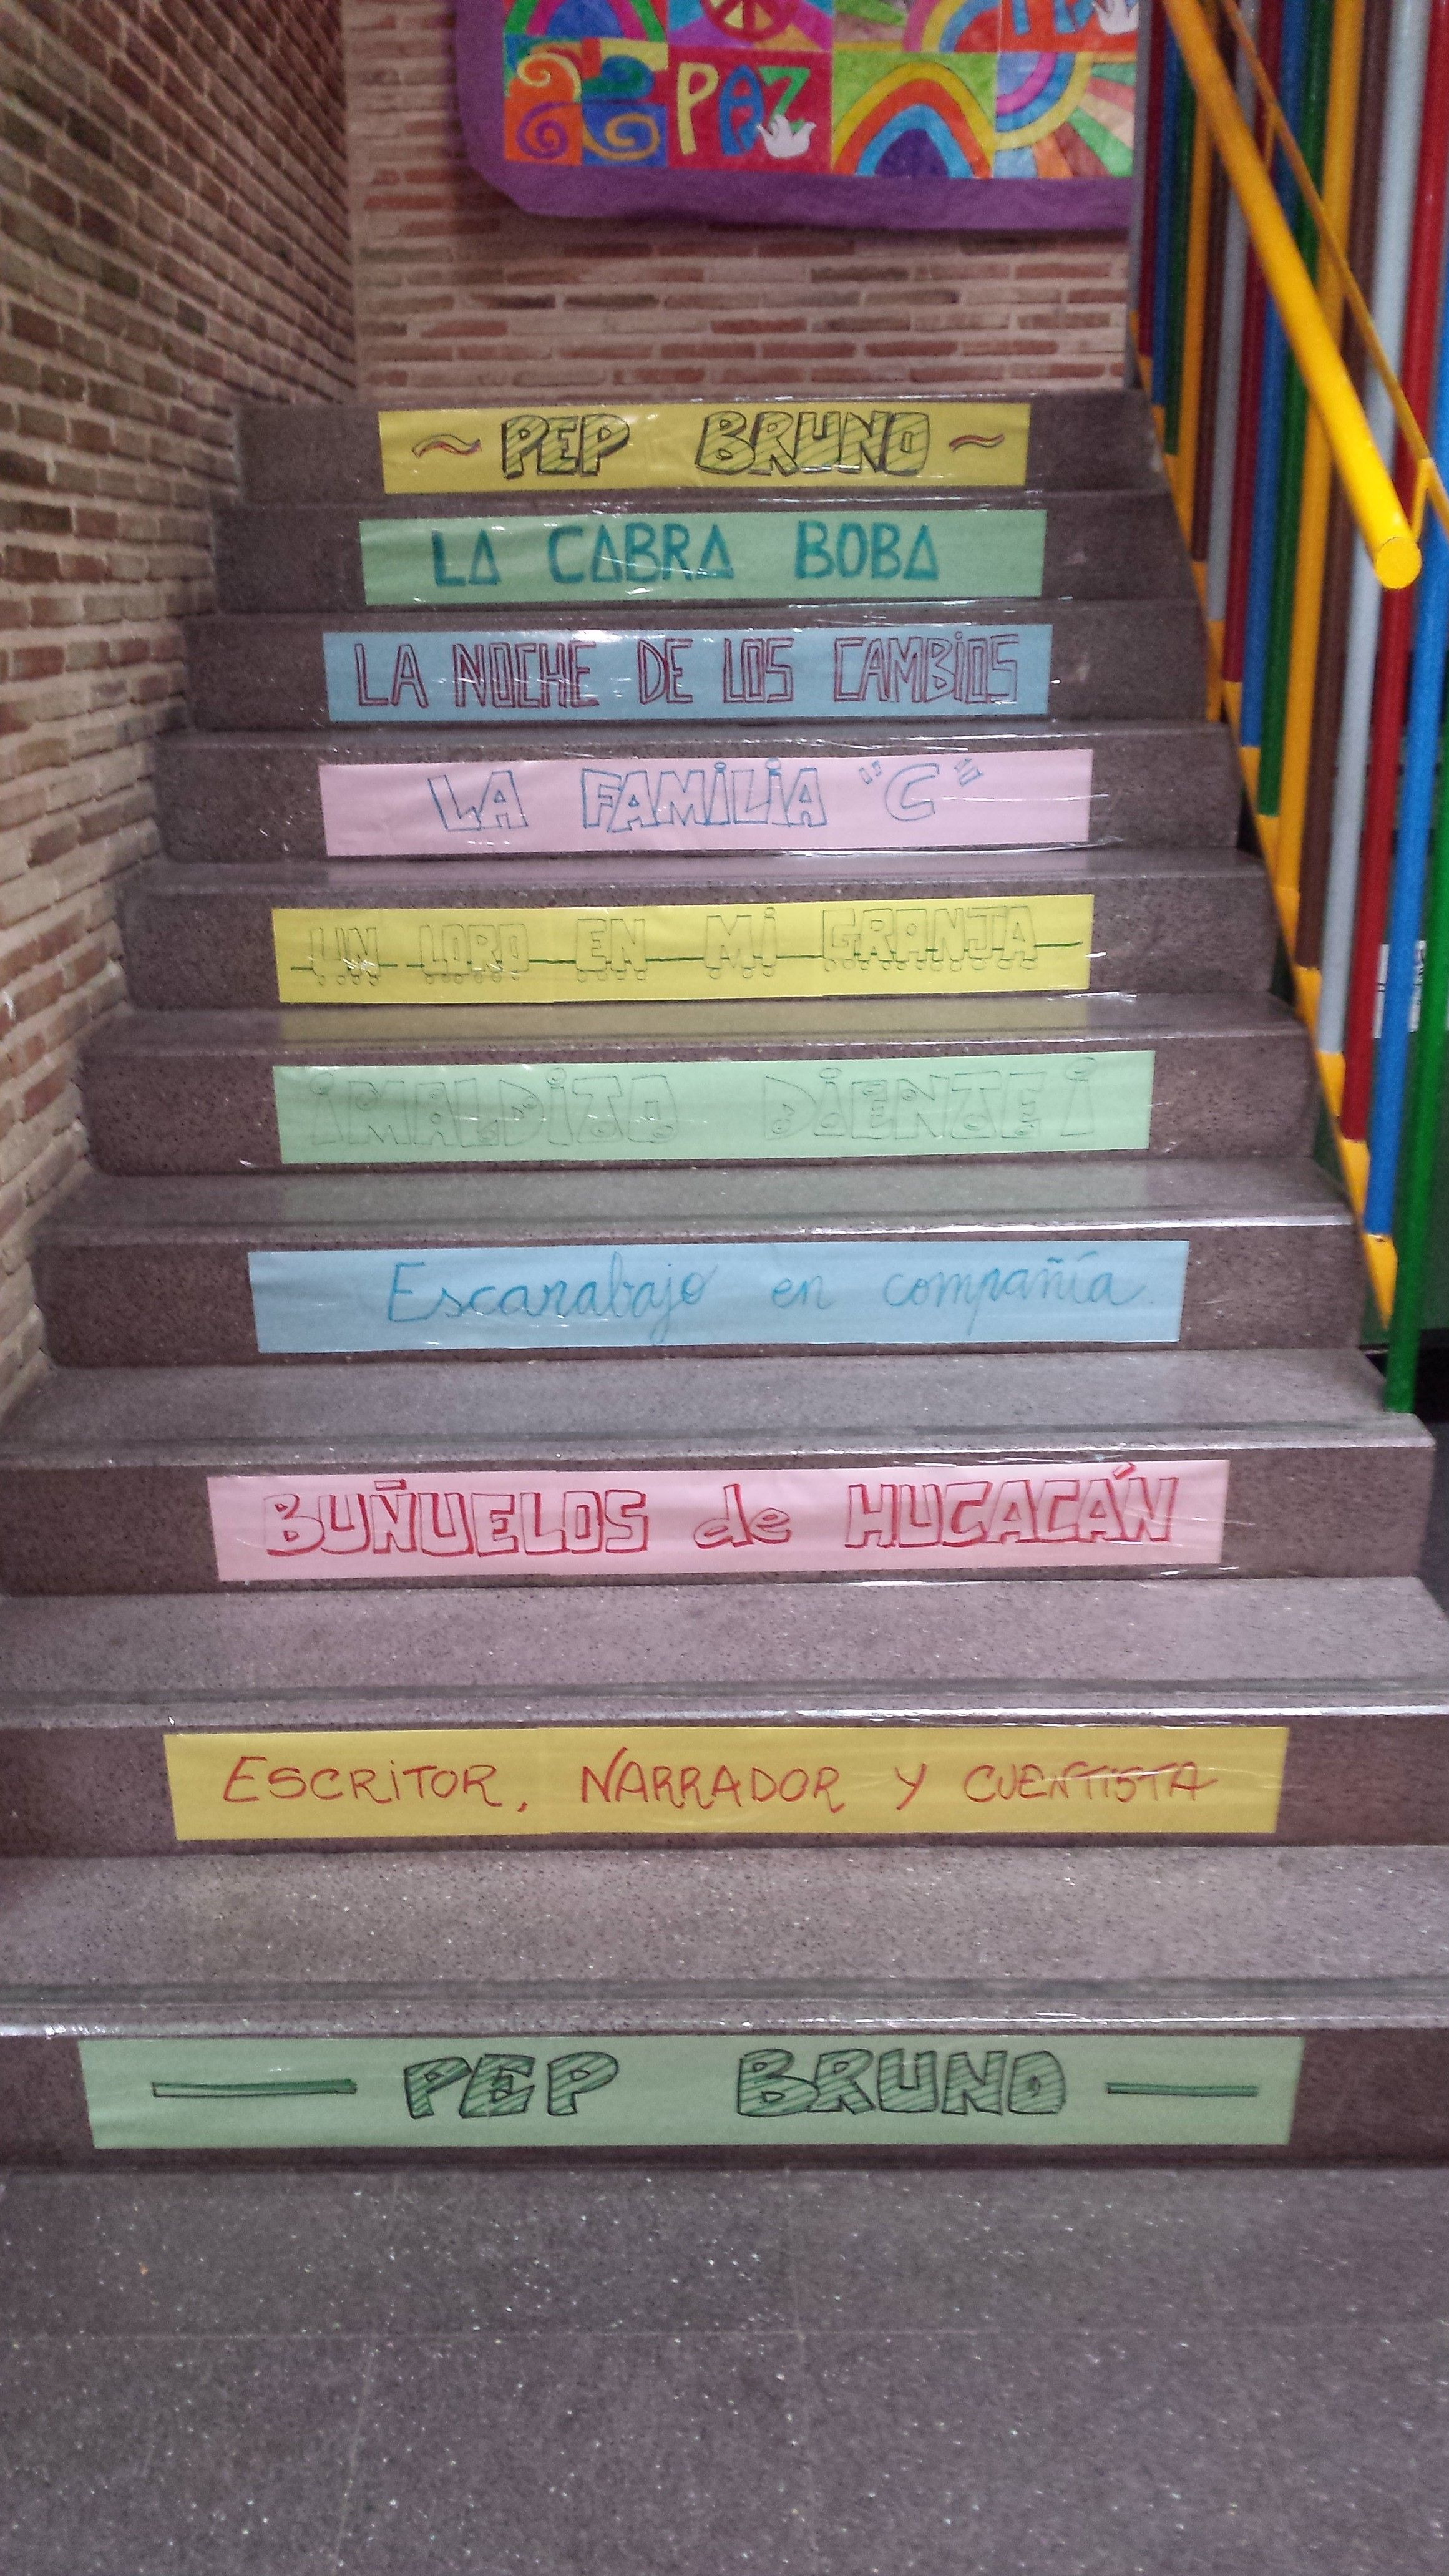 Escalera lectora sobre el escritor narrador y cuentista - Escaleras para bibliotecas ...